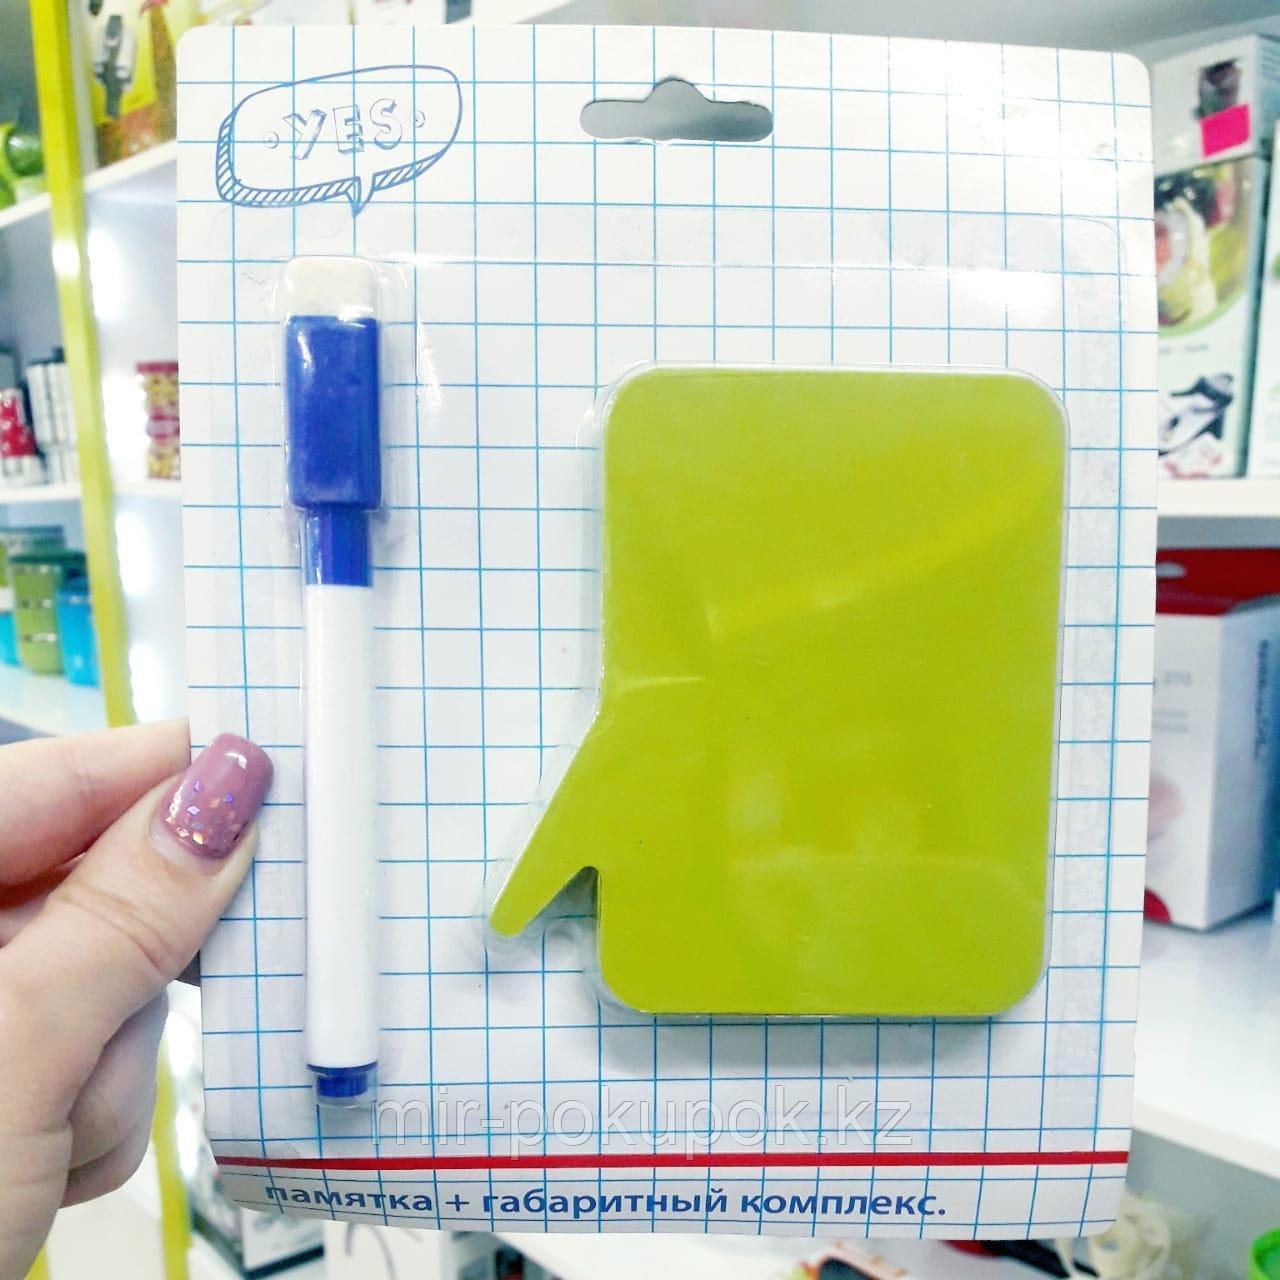 Распродажа! Магнит памятка на холодильник с маркером, Алматы